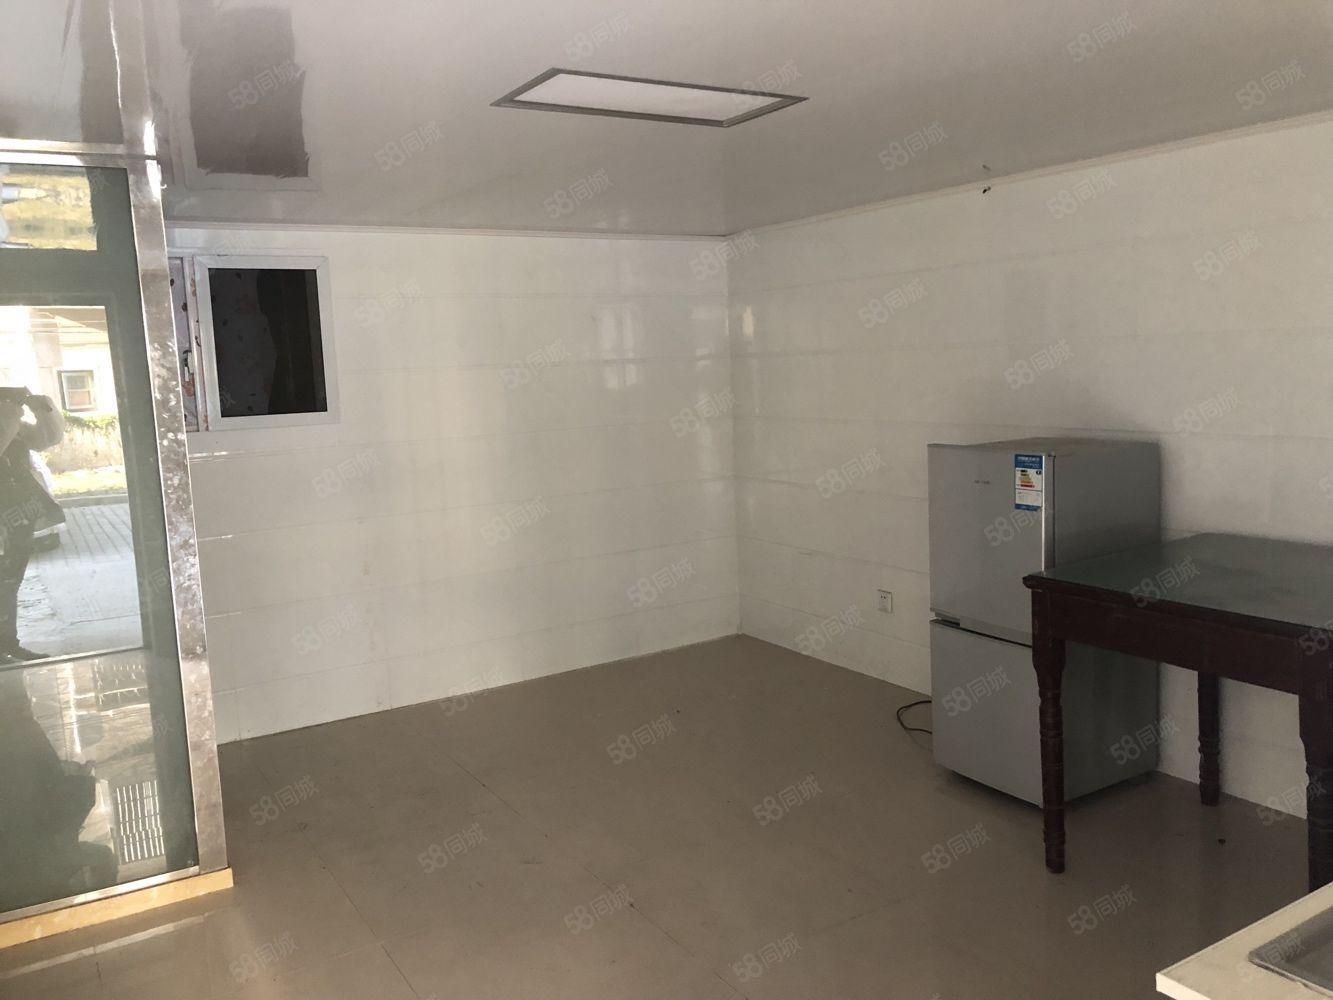 南苑新村,朝阳车库,大润发附近,有空调冰箱热水器独立卫浴